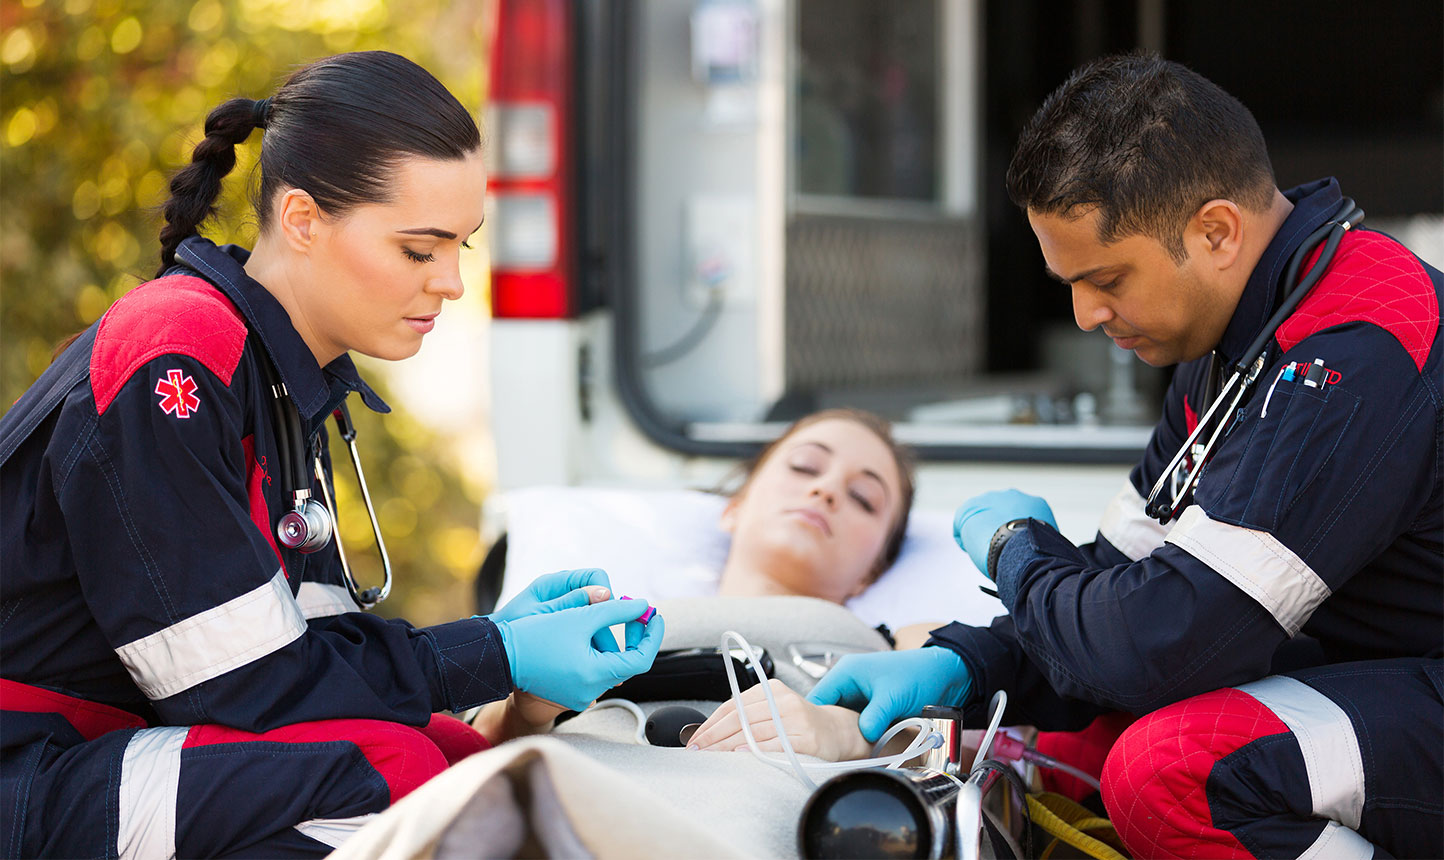 National Registry Of Emergency Medical Technicians Nremt